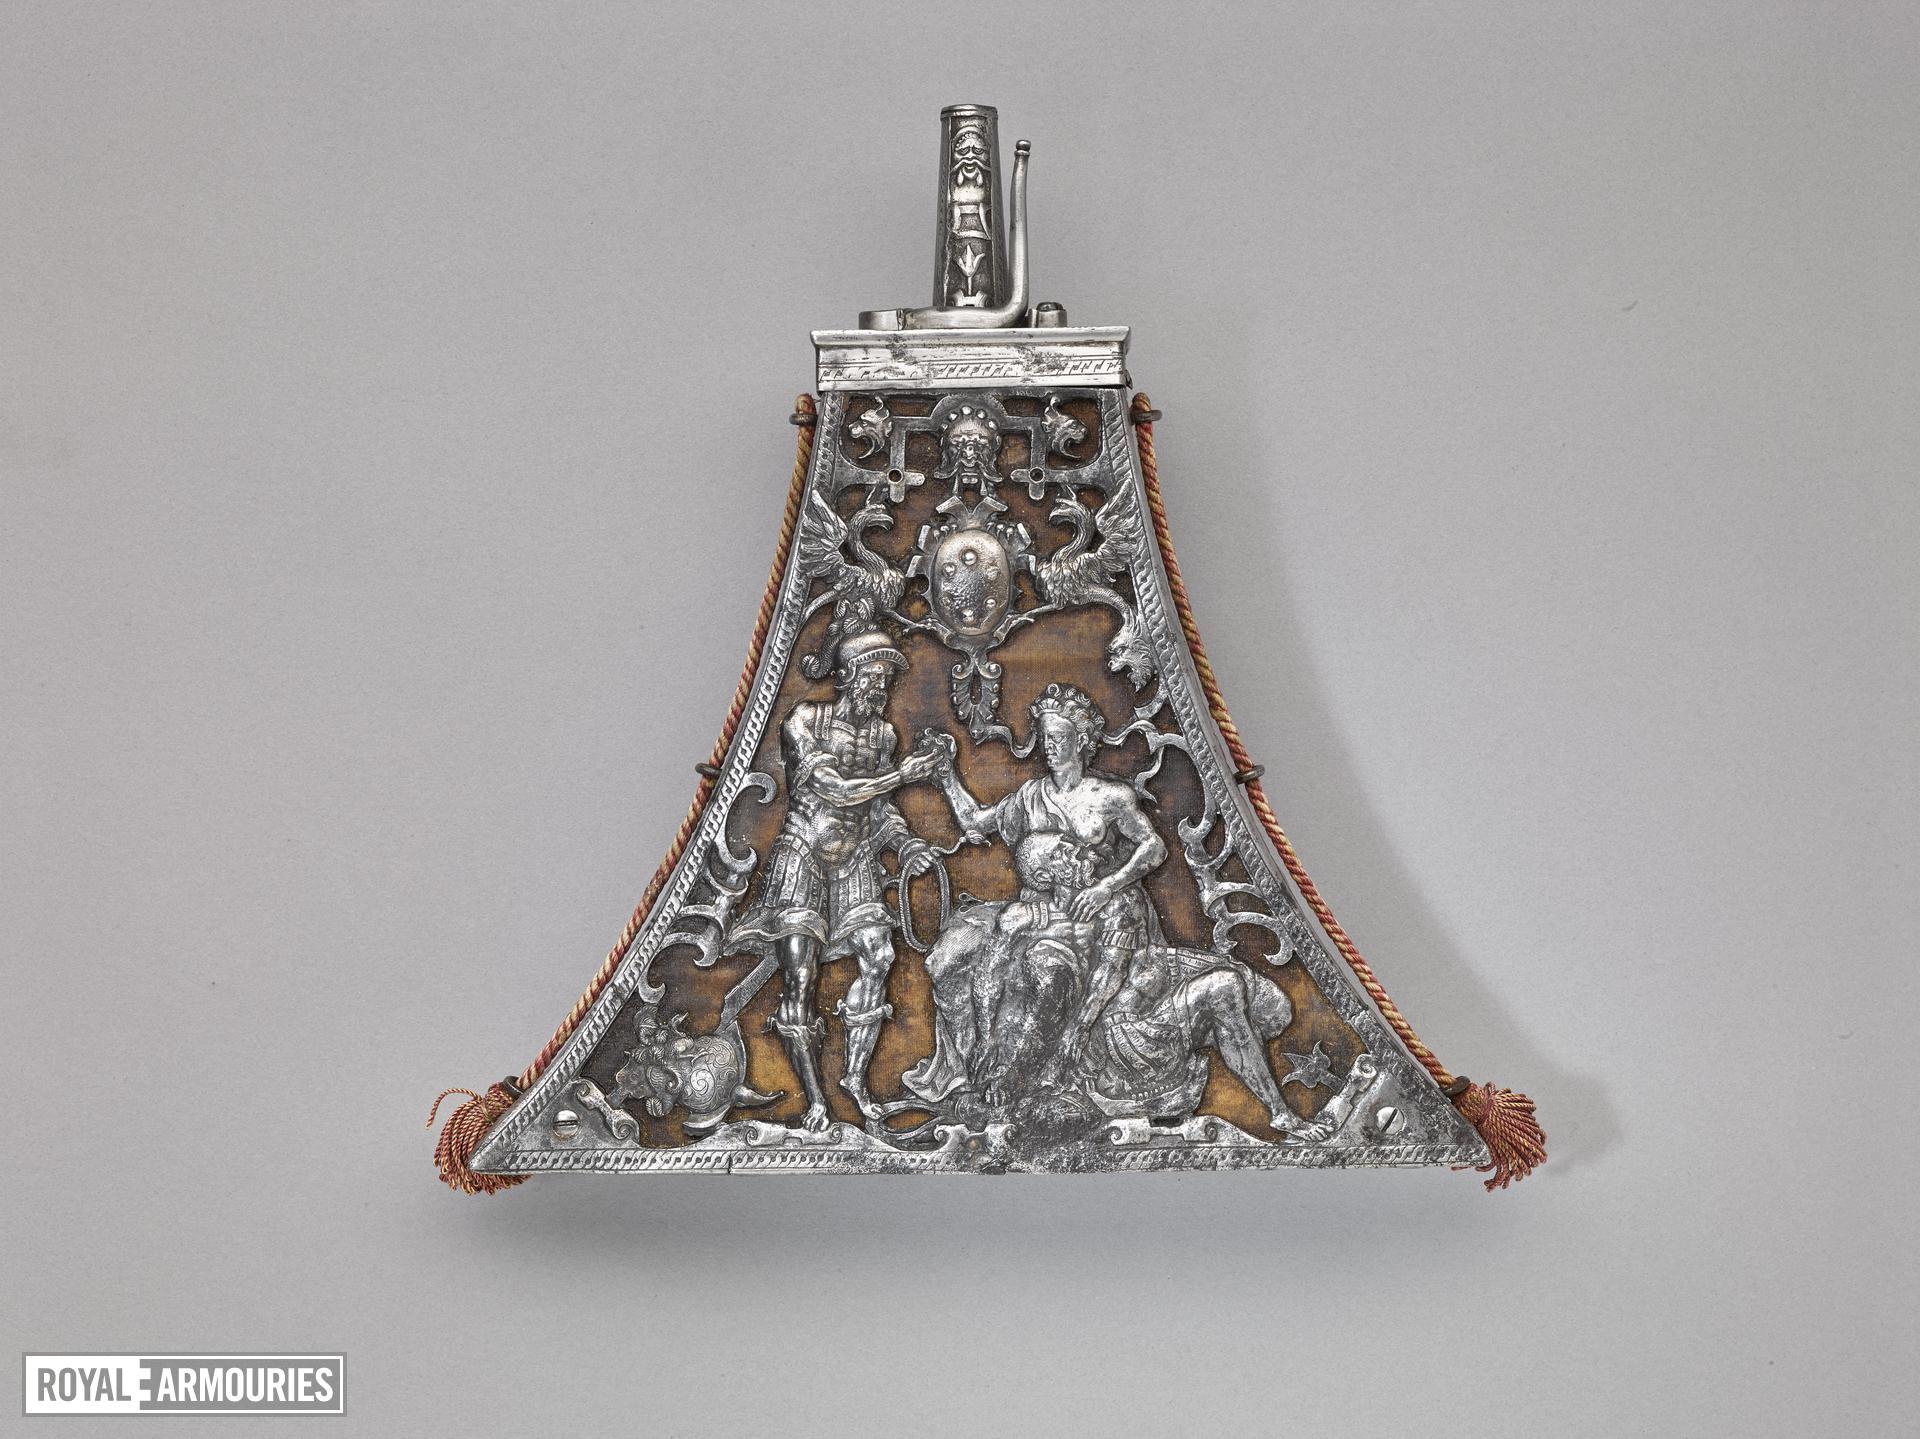 Powder flask of triangular shape